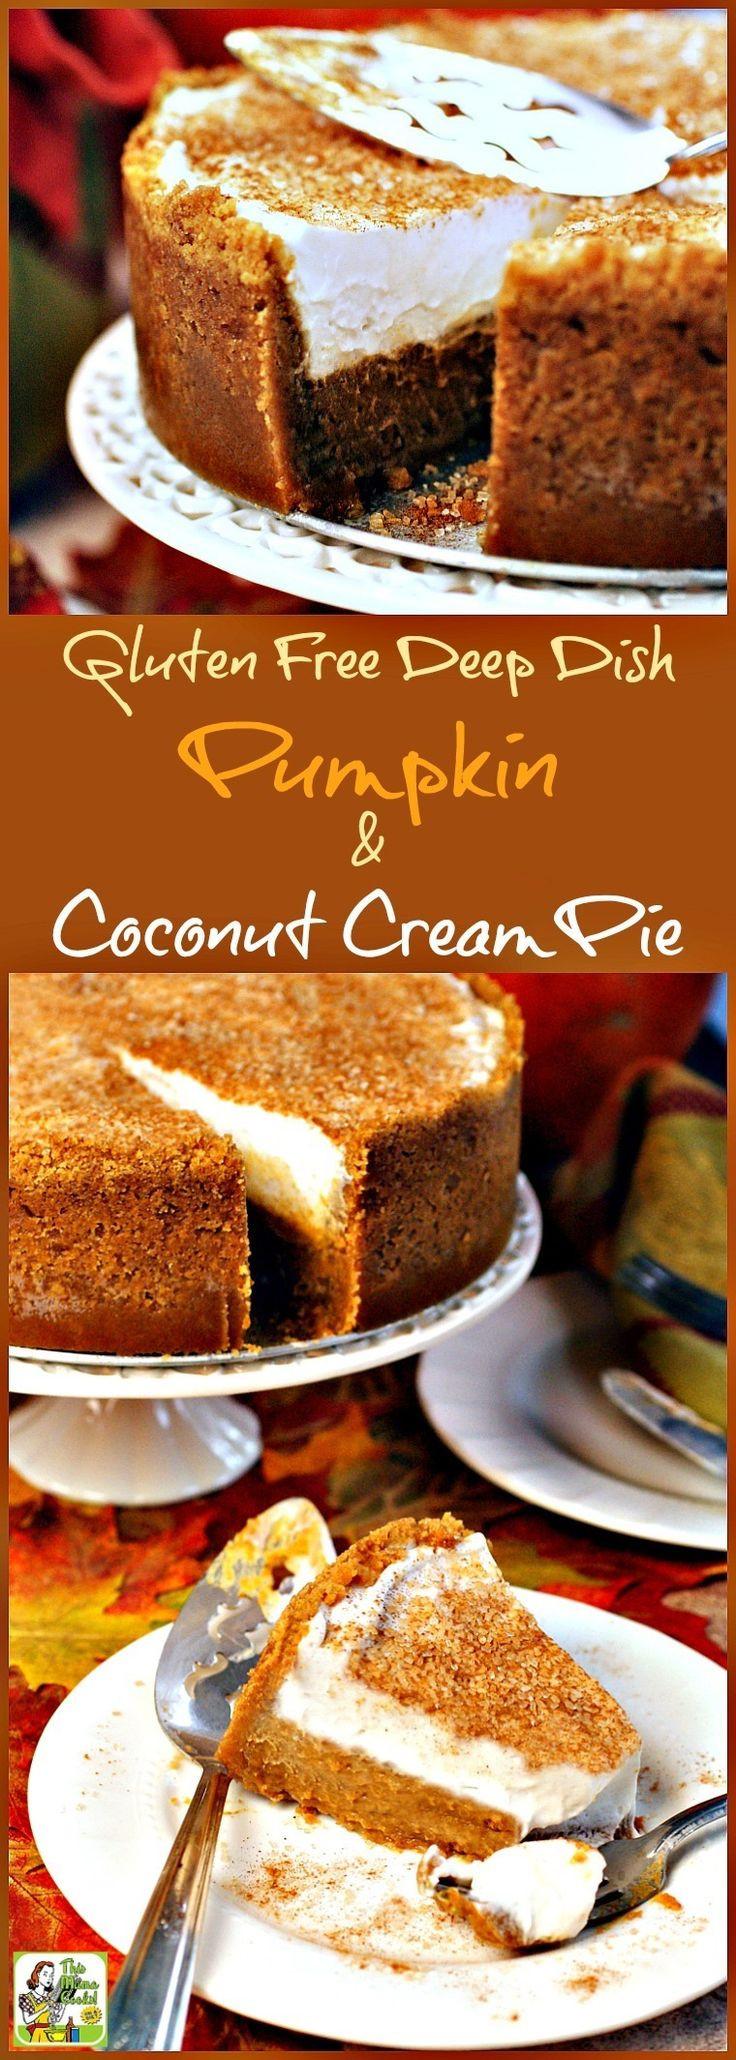 Gluten Free Dairy Free Pumpkin Desserts  Not only is this pumpkin dessert recipe gluten free and